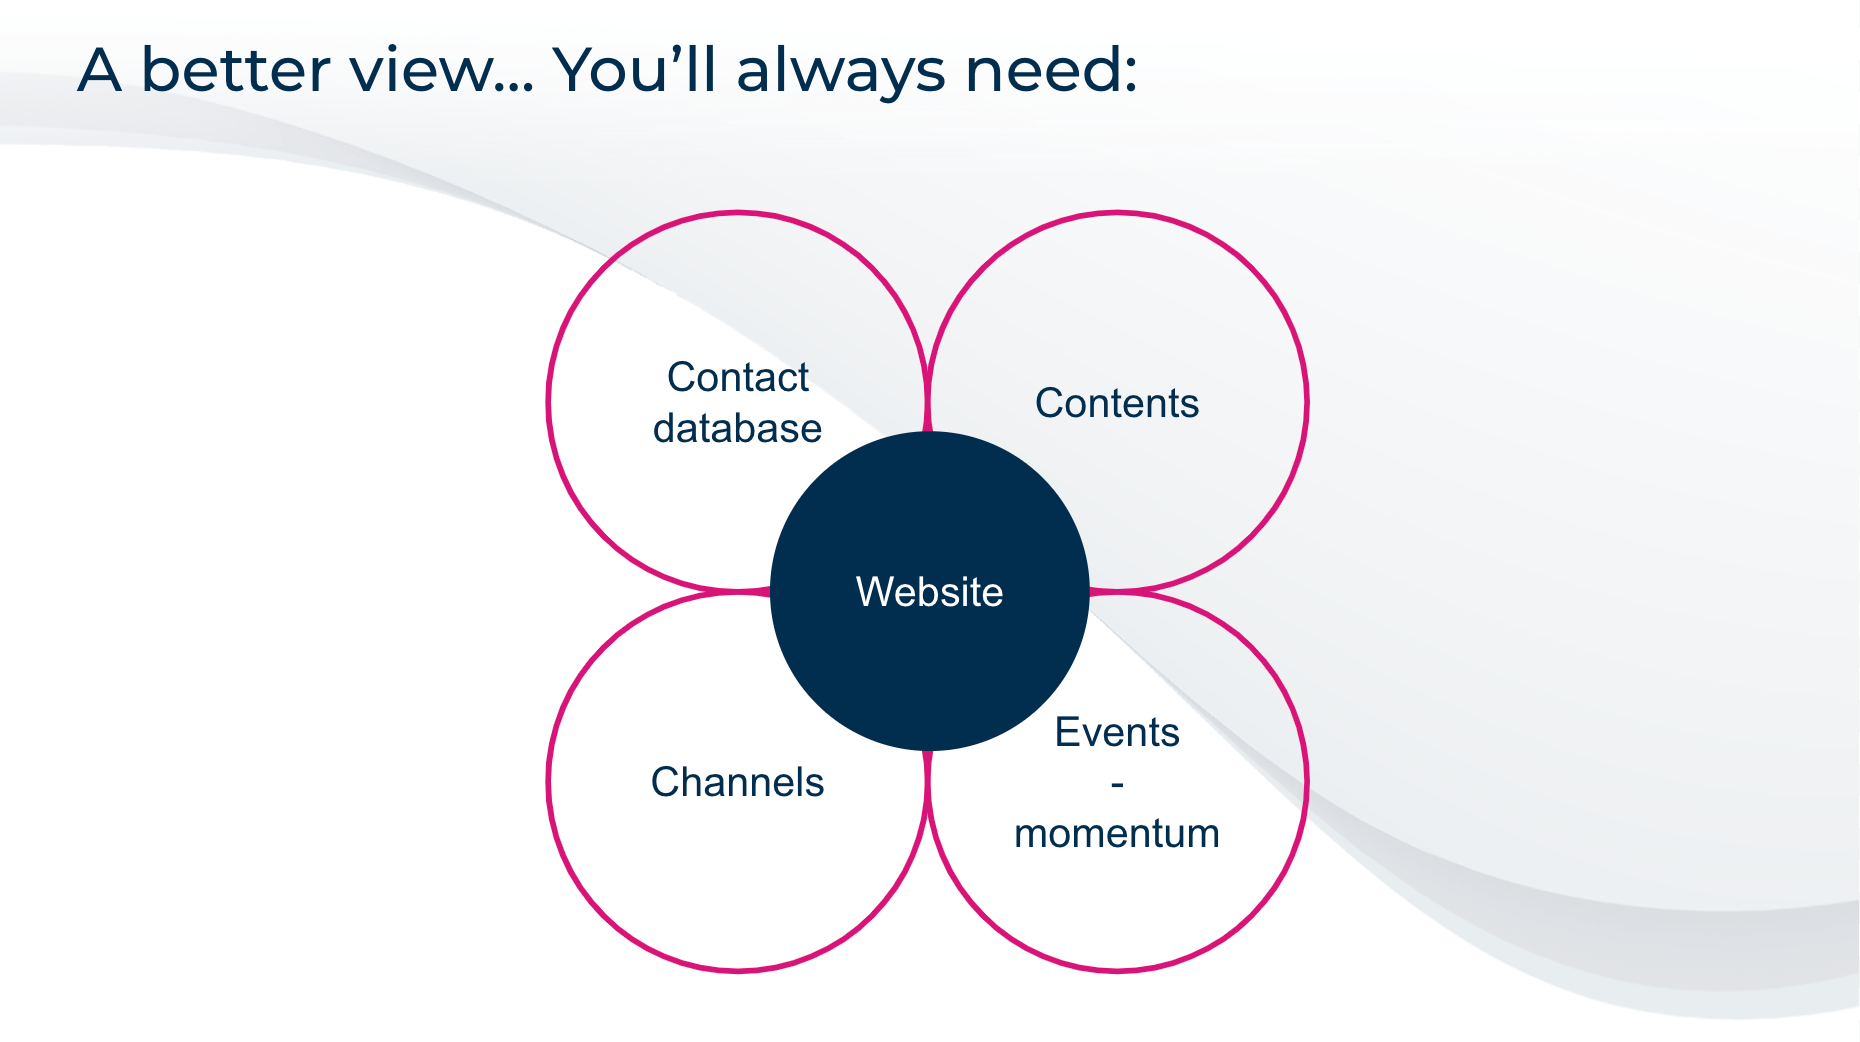 schéma des éléments indispensables d'une stratégie de marketing b2b